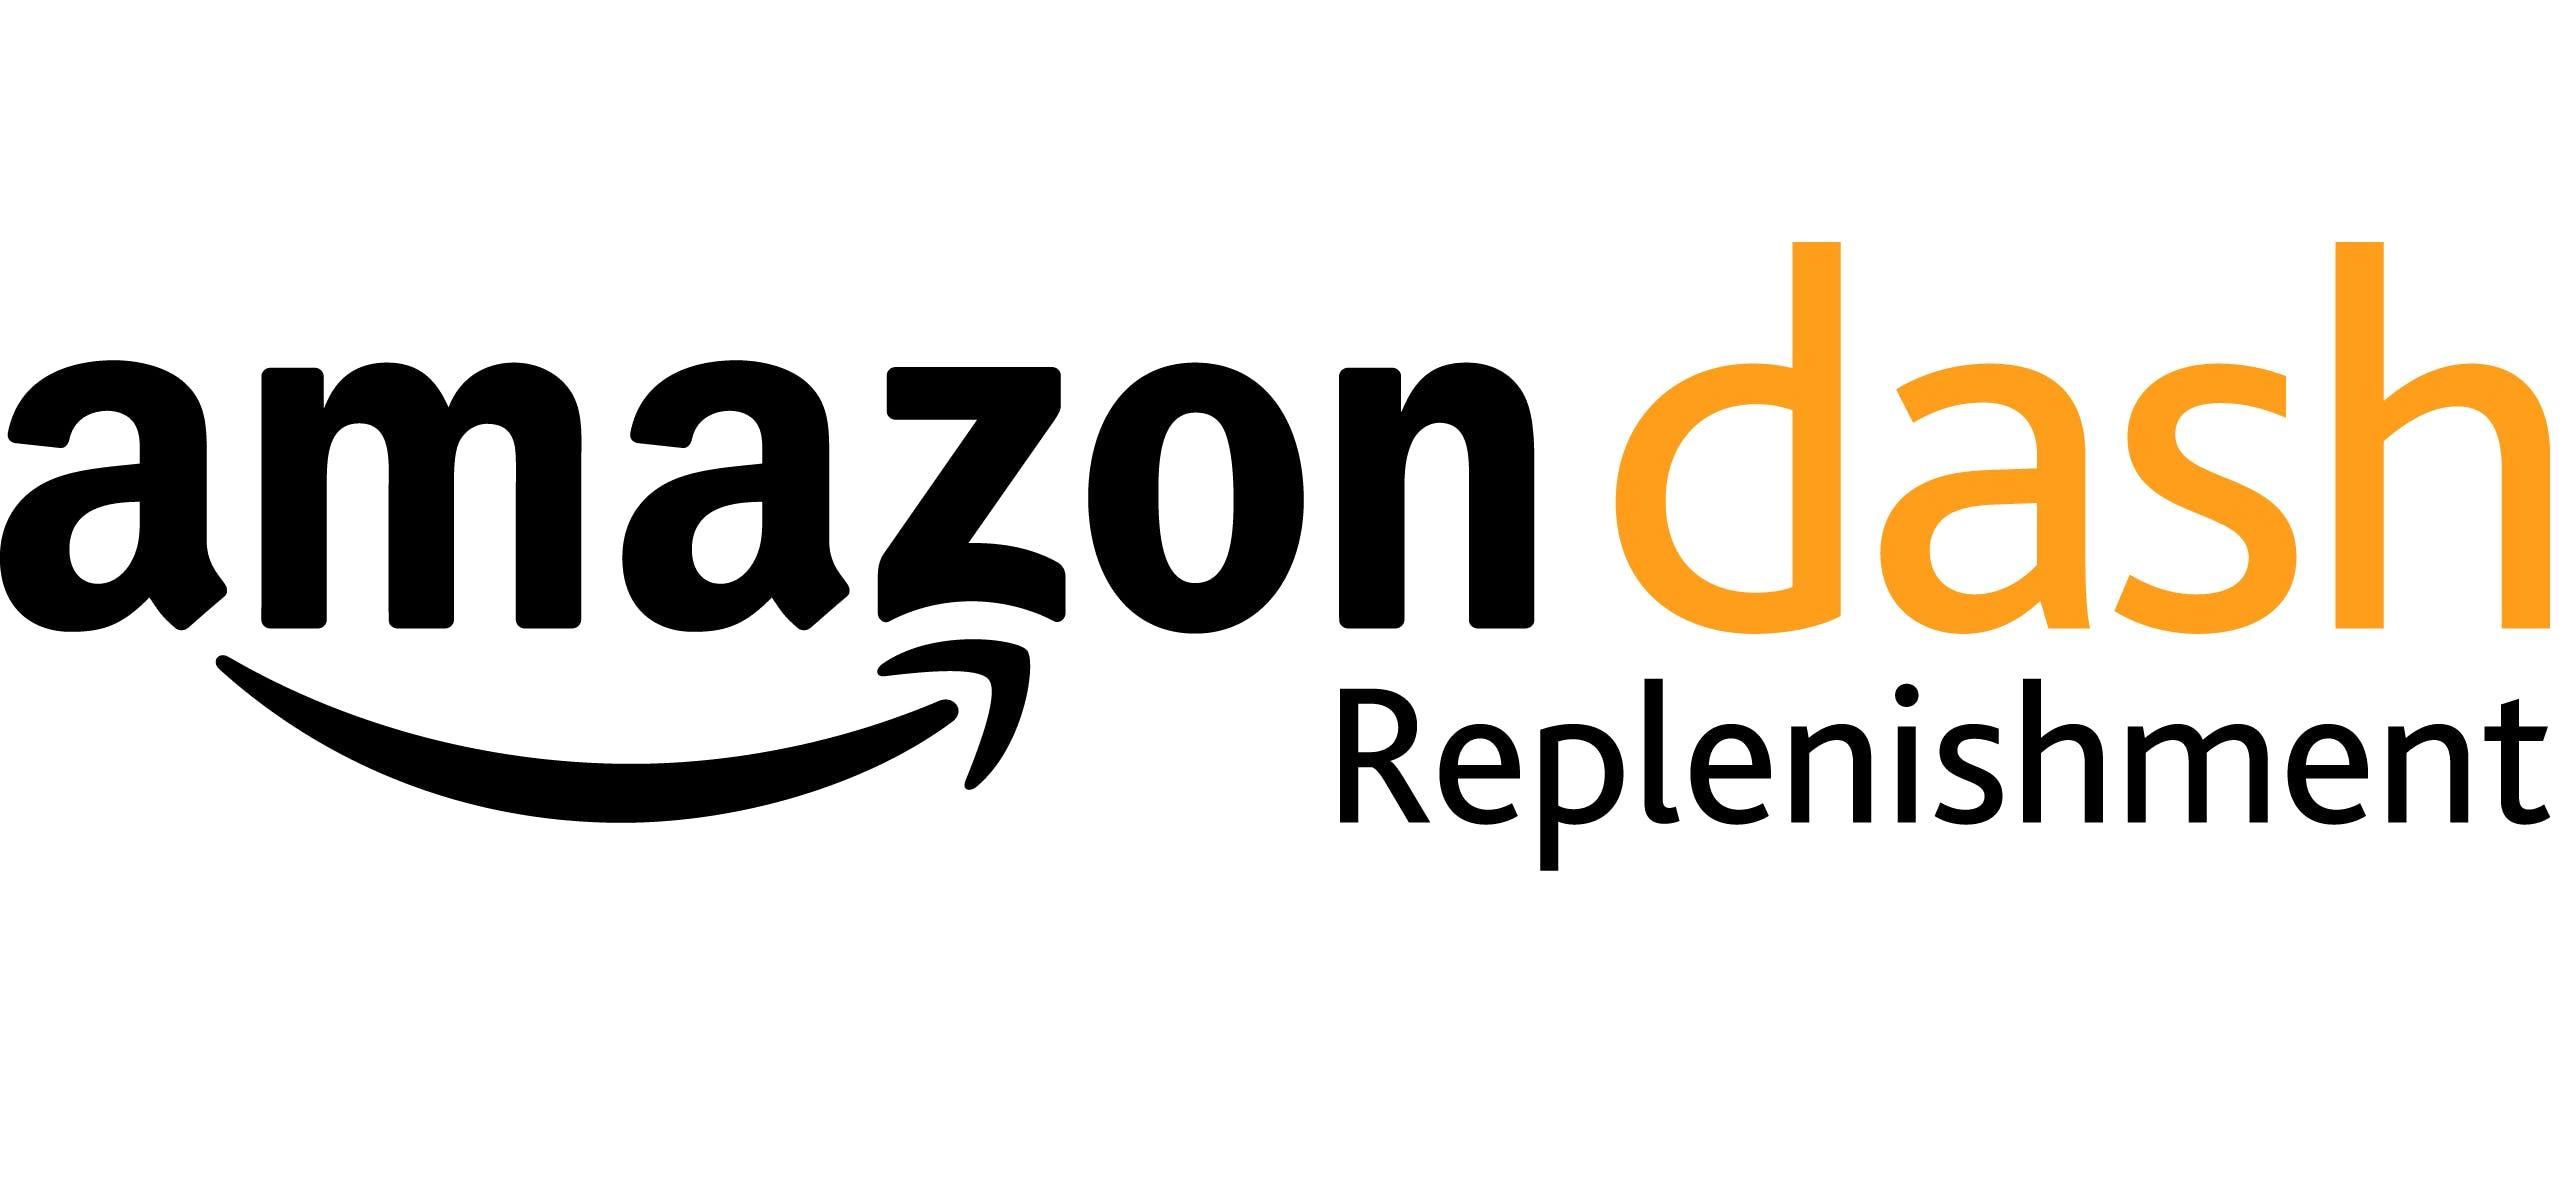 Amazon Dash Replenishment Service